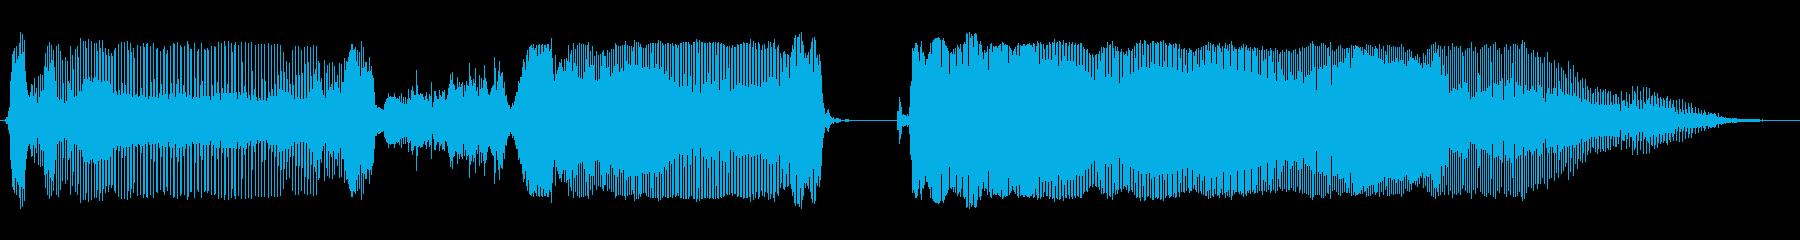 大正解の再生済みの波形